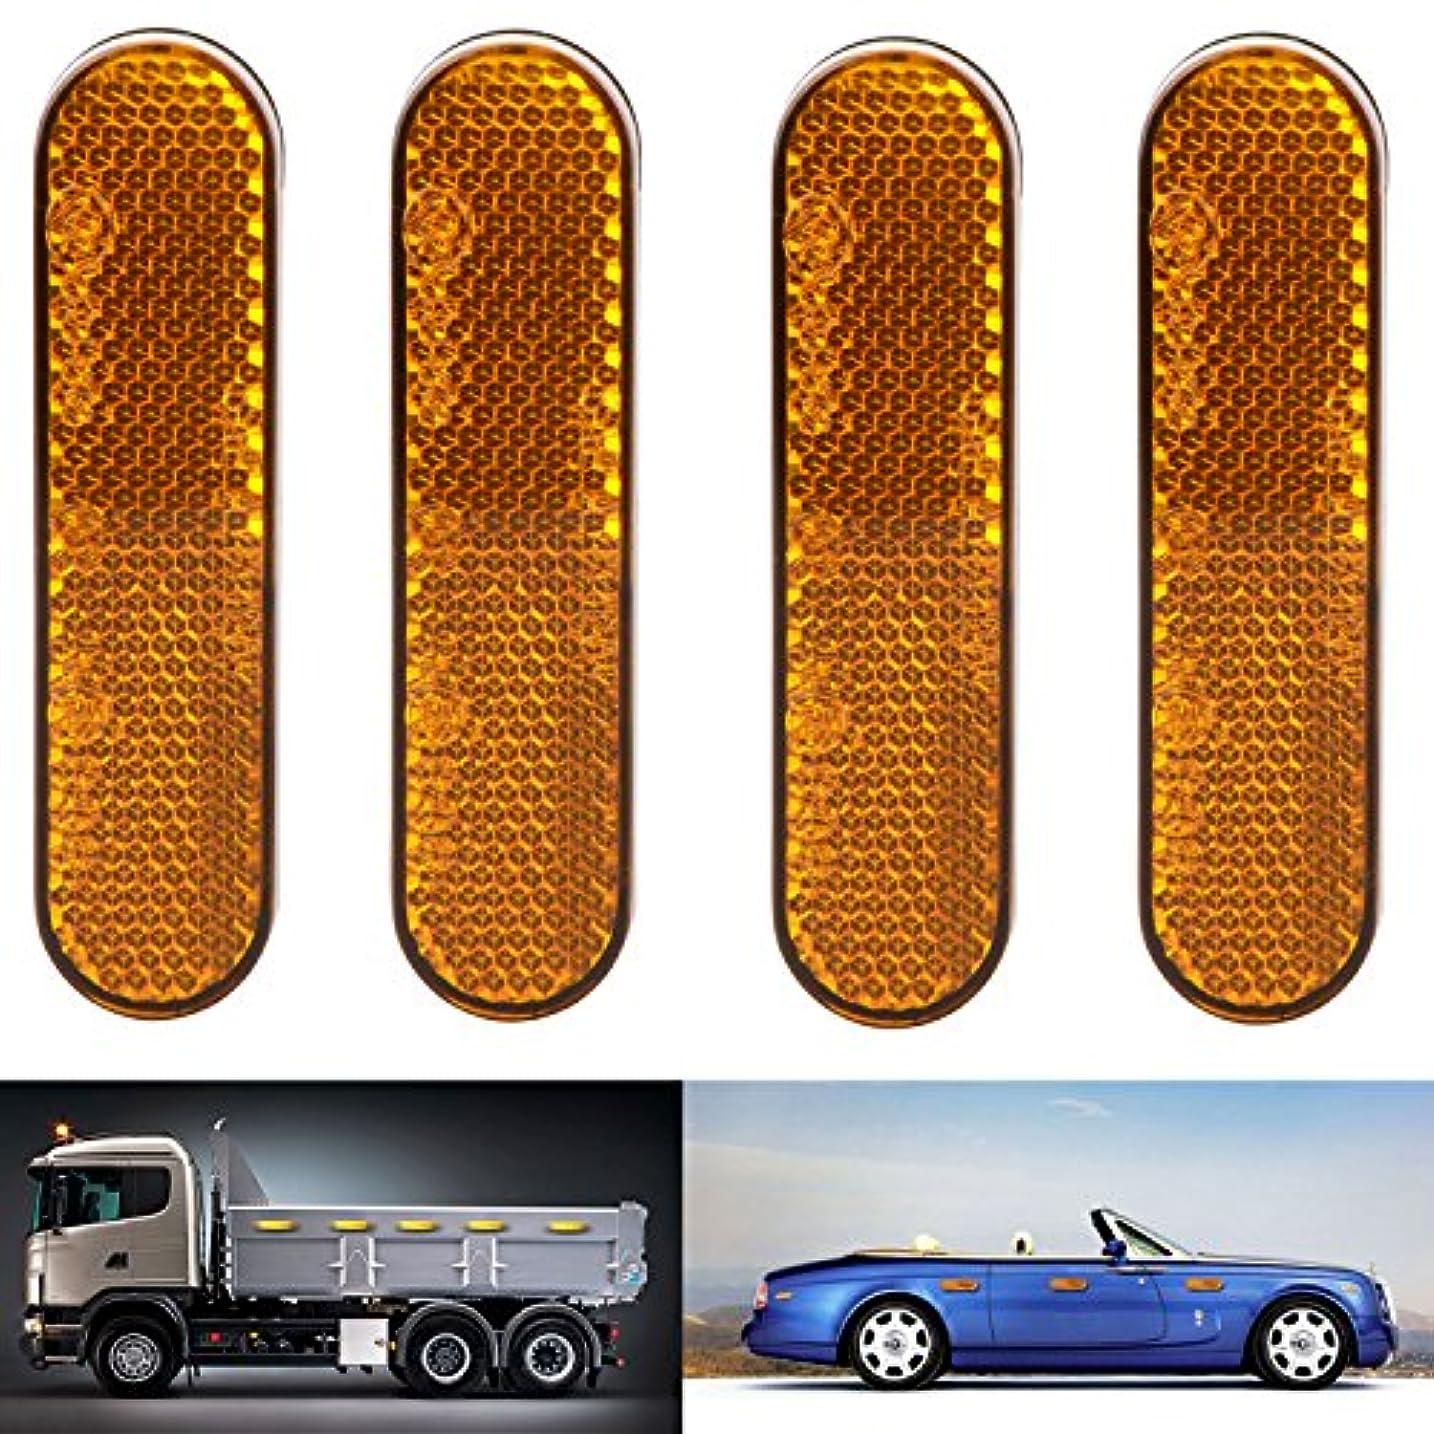 弱い欲望研究所ASSR高い可視性反射スティックon Reflector、4パックOval Stick On Reflector forトラック、Towing、トレーラー、RVSとバス、3.78